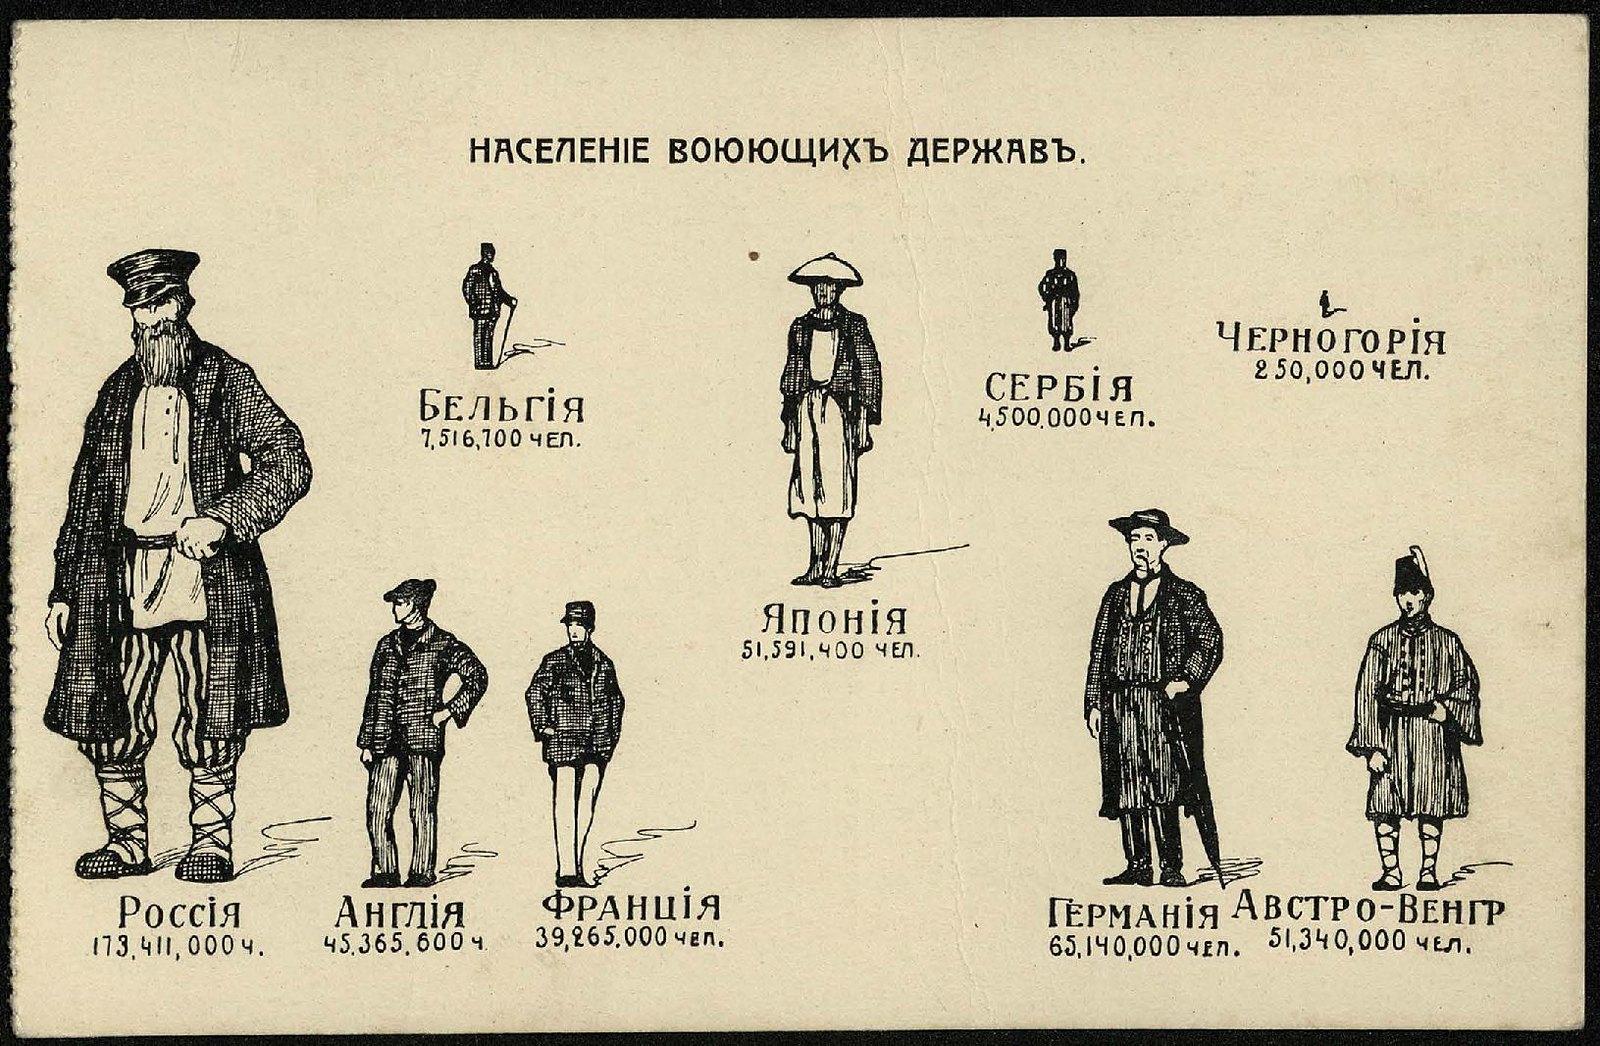 1914. Население воюющих держав